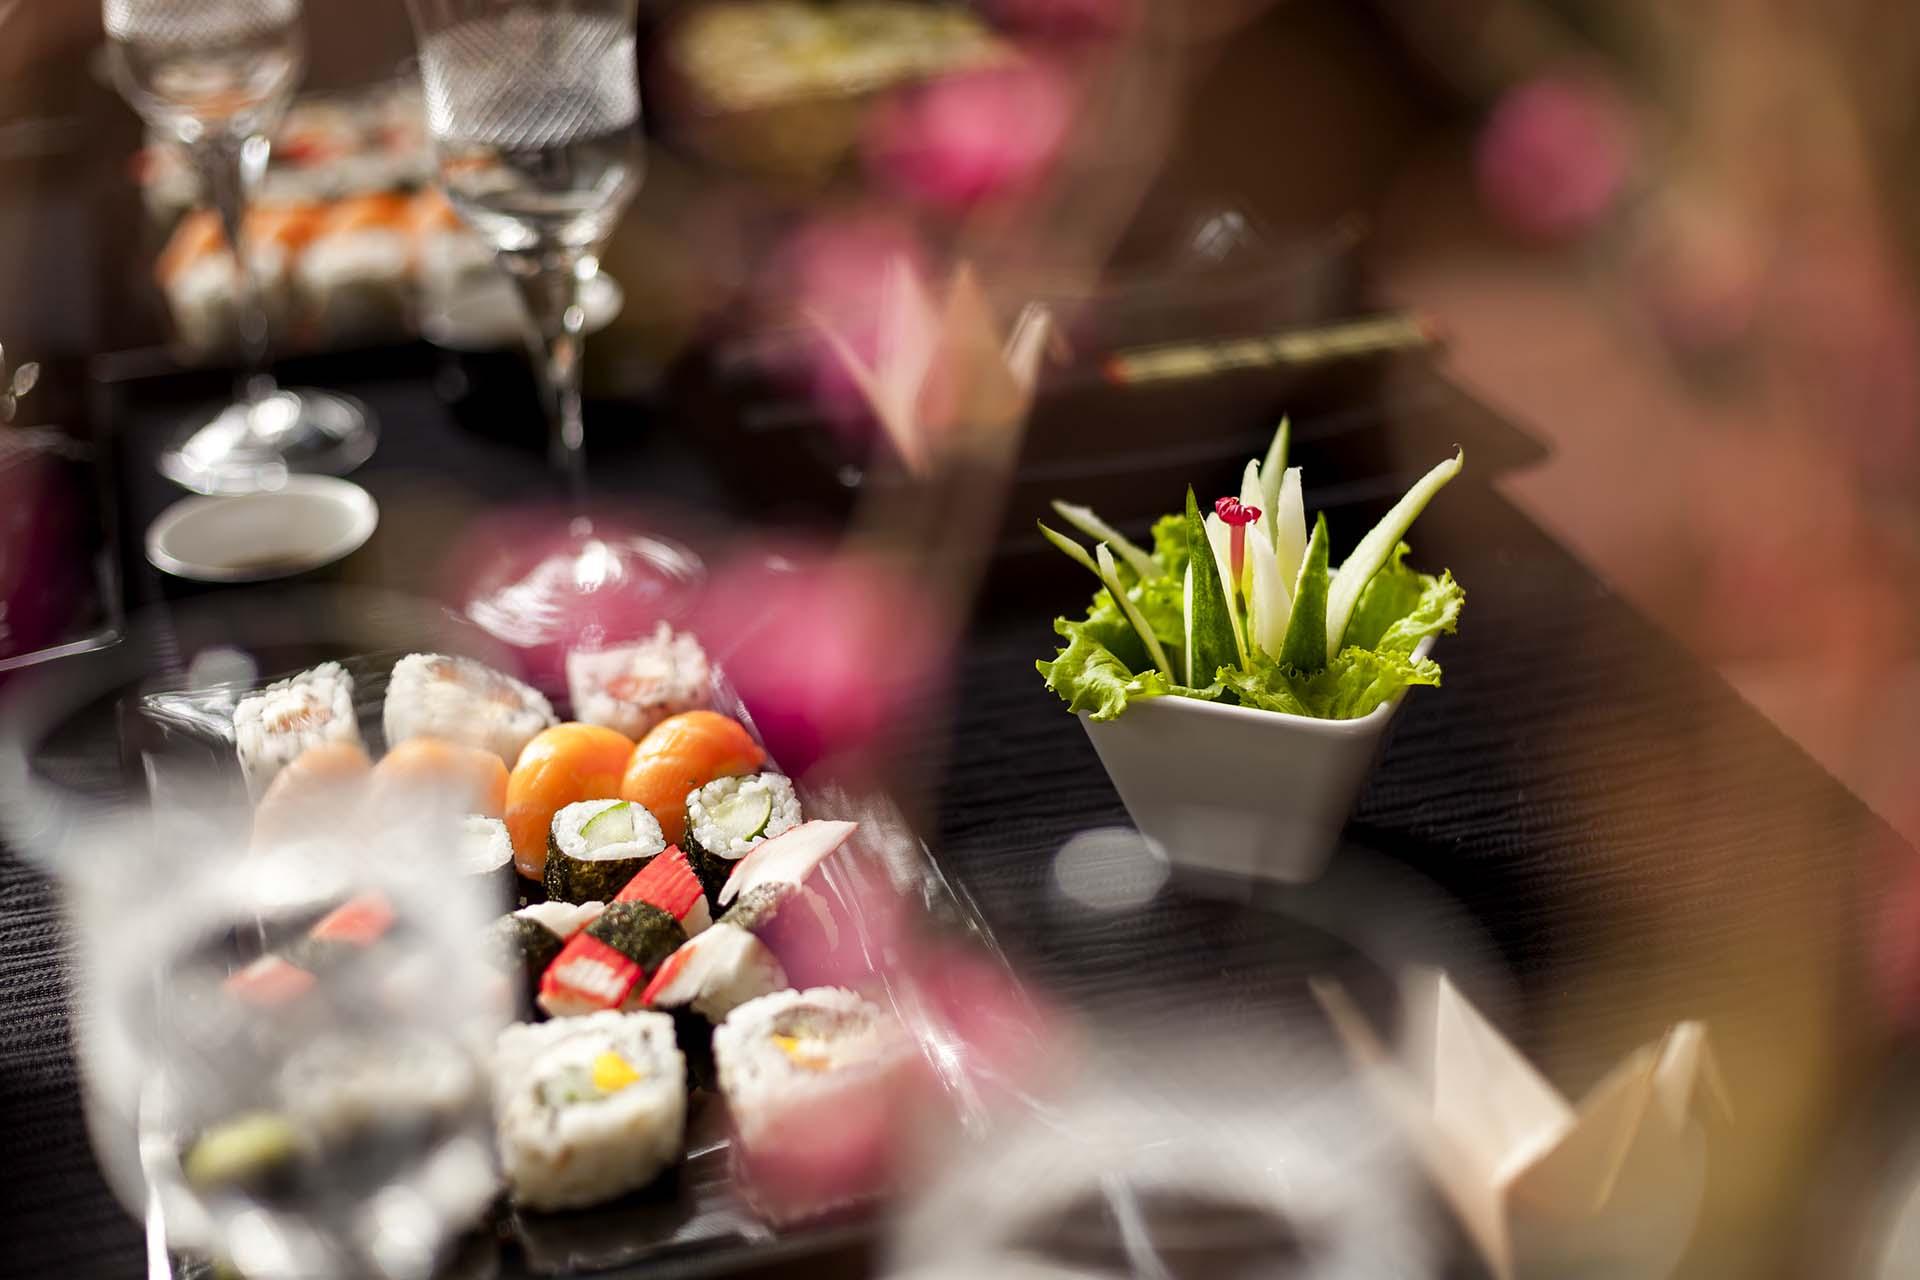 Imagem: Ramequins e pequenos potinhos, além de deixarem a mesa delicada, fazem com que os convidados consigam se servir com mais facilidade. Foto: Raphael Günther/Bespoke Content.